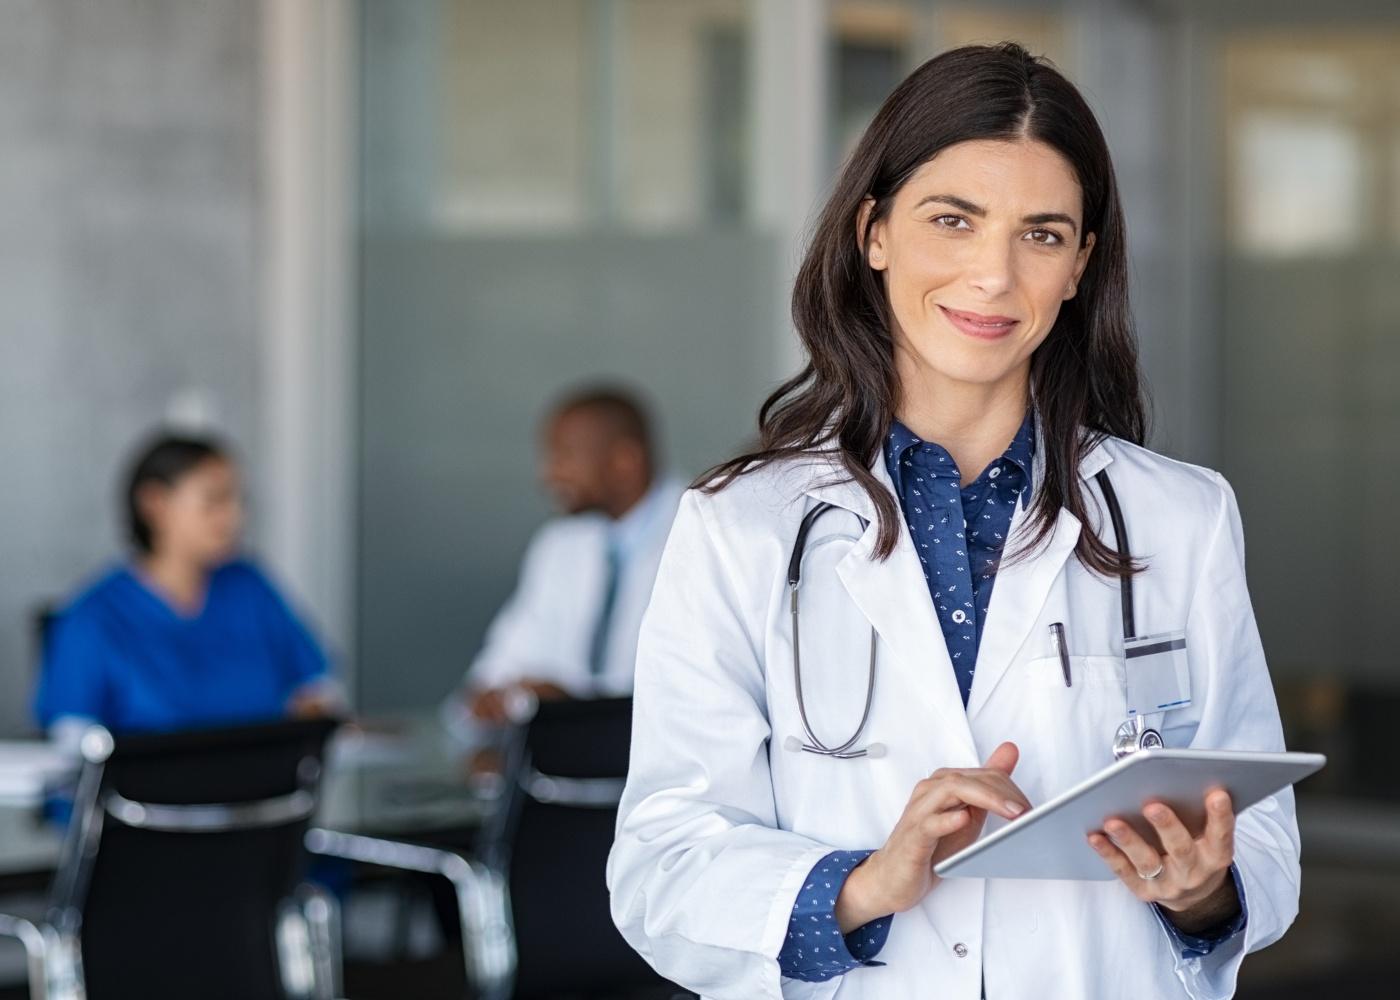 médica com tablet na mão